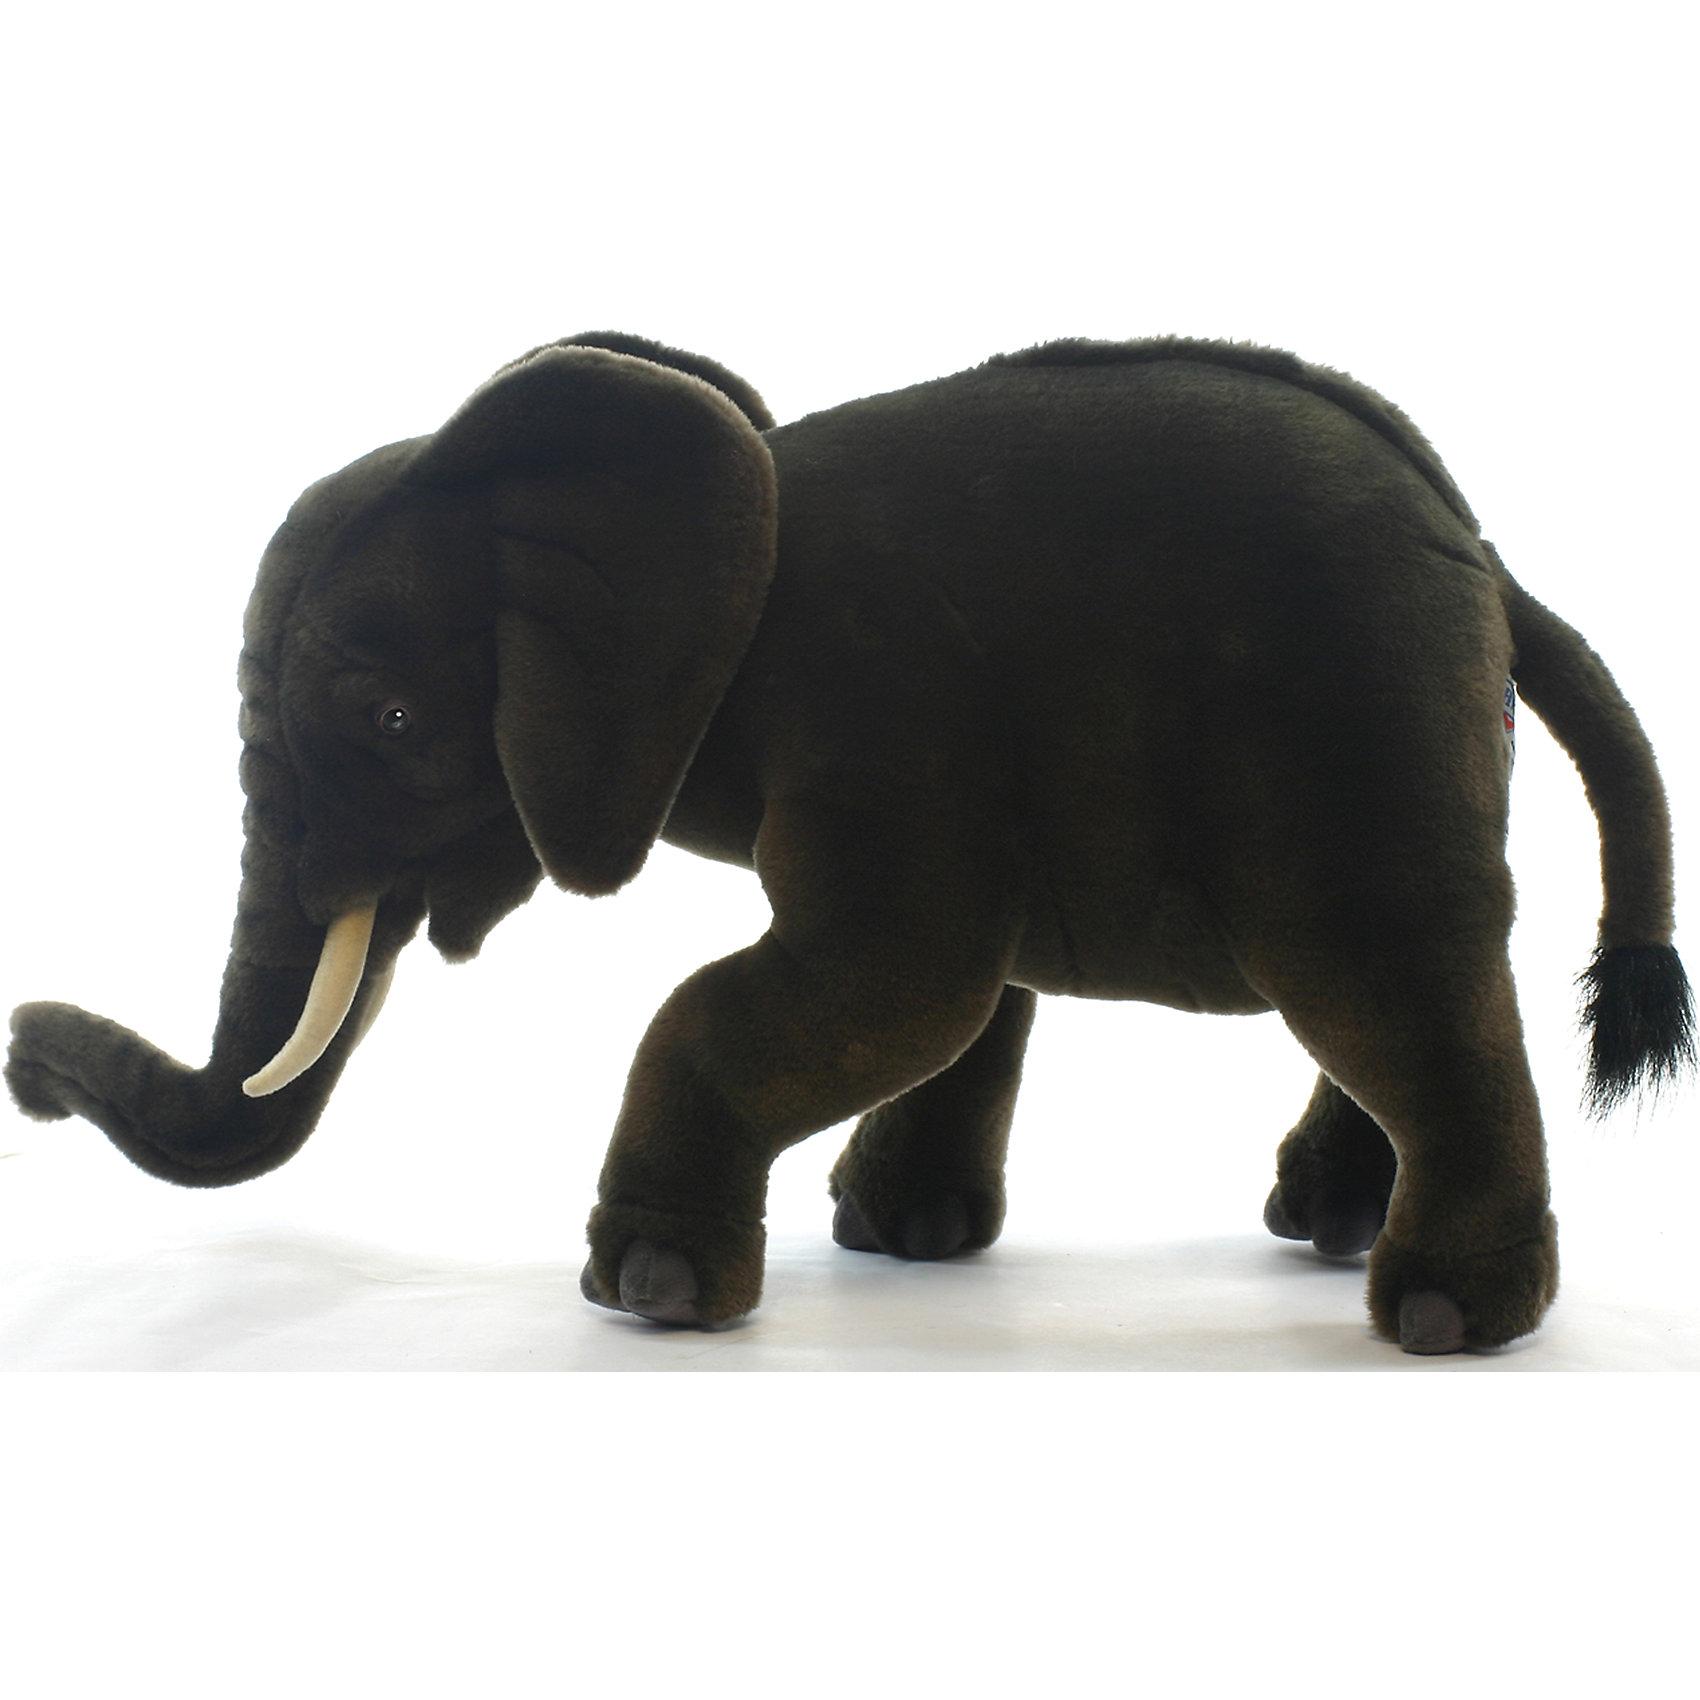 Слоненок, 42 смМягкие игрушки животные<br>Слоненок, 42 см – игрушка от знаменитого бренда Hansa, специализирующегося на выпуске мягких игрушек с высокой степенью натуралистичности. Внешний игрушки полностью соответствует реальному прототипу –  детенышу слона азиатского. Игрушка выполнена из искусственного меха с коротким ворсом темного цвета, который обладает гипоаллергенными свойствами. Внутри имеется металлический каркас, который позволяет изменять положение. Игрушка относится к серии Дикие животные. <br>Мягкие игрушки от Hansa подходят для сюжетно-ролевых игр или для обучающих игр. Кроме того, их можно использовать в качестве интерьерных игрушек. Игрушки от Hansa будут радовать вашего ребенка долгое время, так как ручная работа и качественные материалы гарантируют их долговечность и прочность.<br><br>Дополнительная информация:<br><br>- Вид игр: сюжетно-ролевые игры, коллекционирование, интерьерные игрушки<br>- Предназначение: для дома, для детских развивающих центров, для детских садов<br>- Материал: искусственный мех, наполнитель ? полиэфирное волокно<br>- Размер (ДхШхВ): 30*16*42 см<br>- Вес: 1 кг 020 г<br>- Особенности ухода: сухая чистка при помощи пылесоса или щетки для одежды<br><br>Подробнее:<br><br>• Для детей в возрасте: от 3 лет <br>• Страна производитель: Филиппины<br>• Торговый бренд: Hansa<br><br>Слоненок, 42 см можно купить в нашем интернет-магазине.<br><br>Ширина мм: 30<br>Глубина мм: 16<br>Высота мм: 42<br>Вес г: 1020<br>Возраст от месяцев: 36<br>Возраст до месяцев: 2147483647<br>Пол: Унисекс<br>Возраст: Детский<br>SKU: 4927203